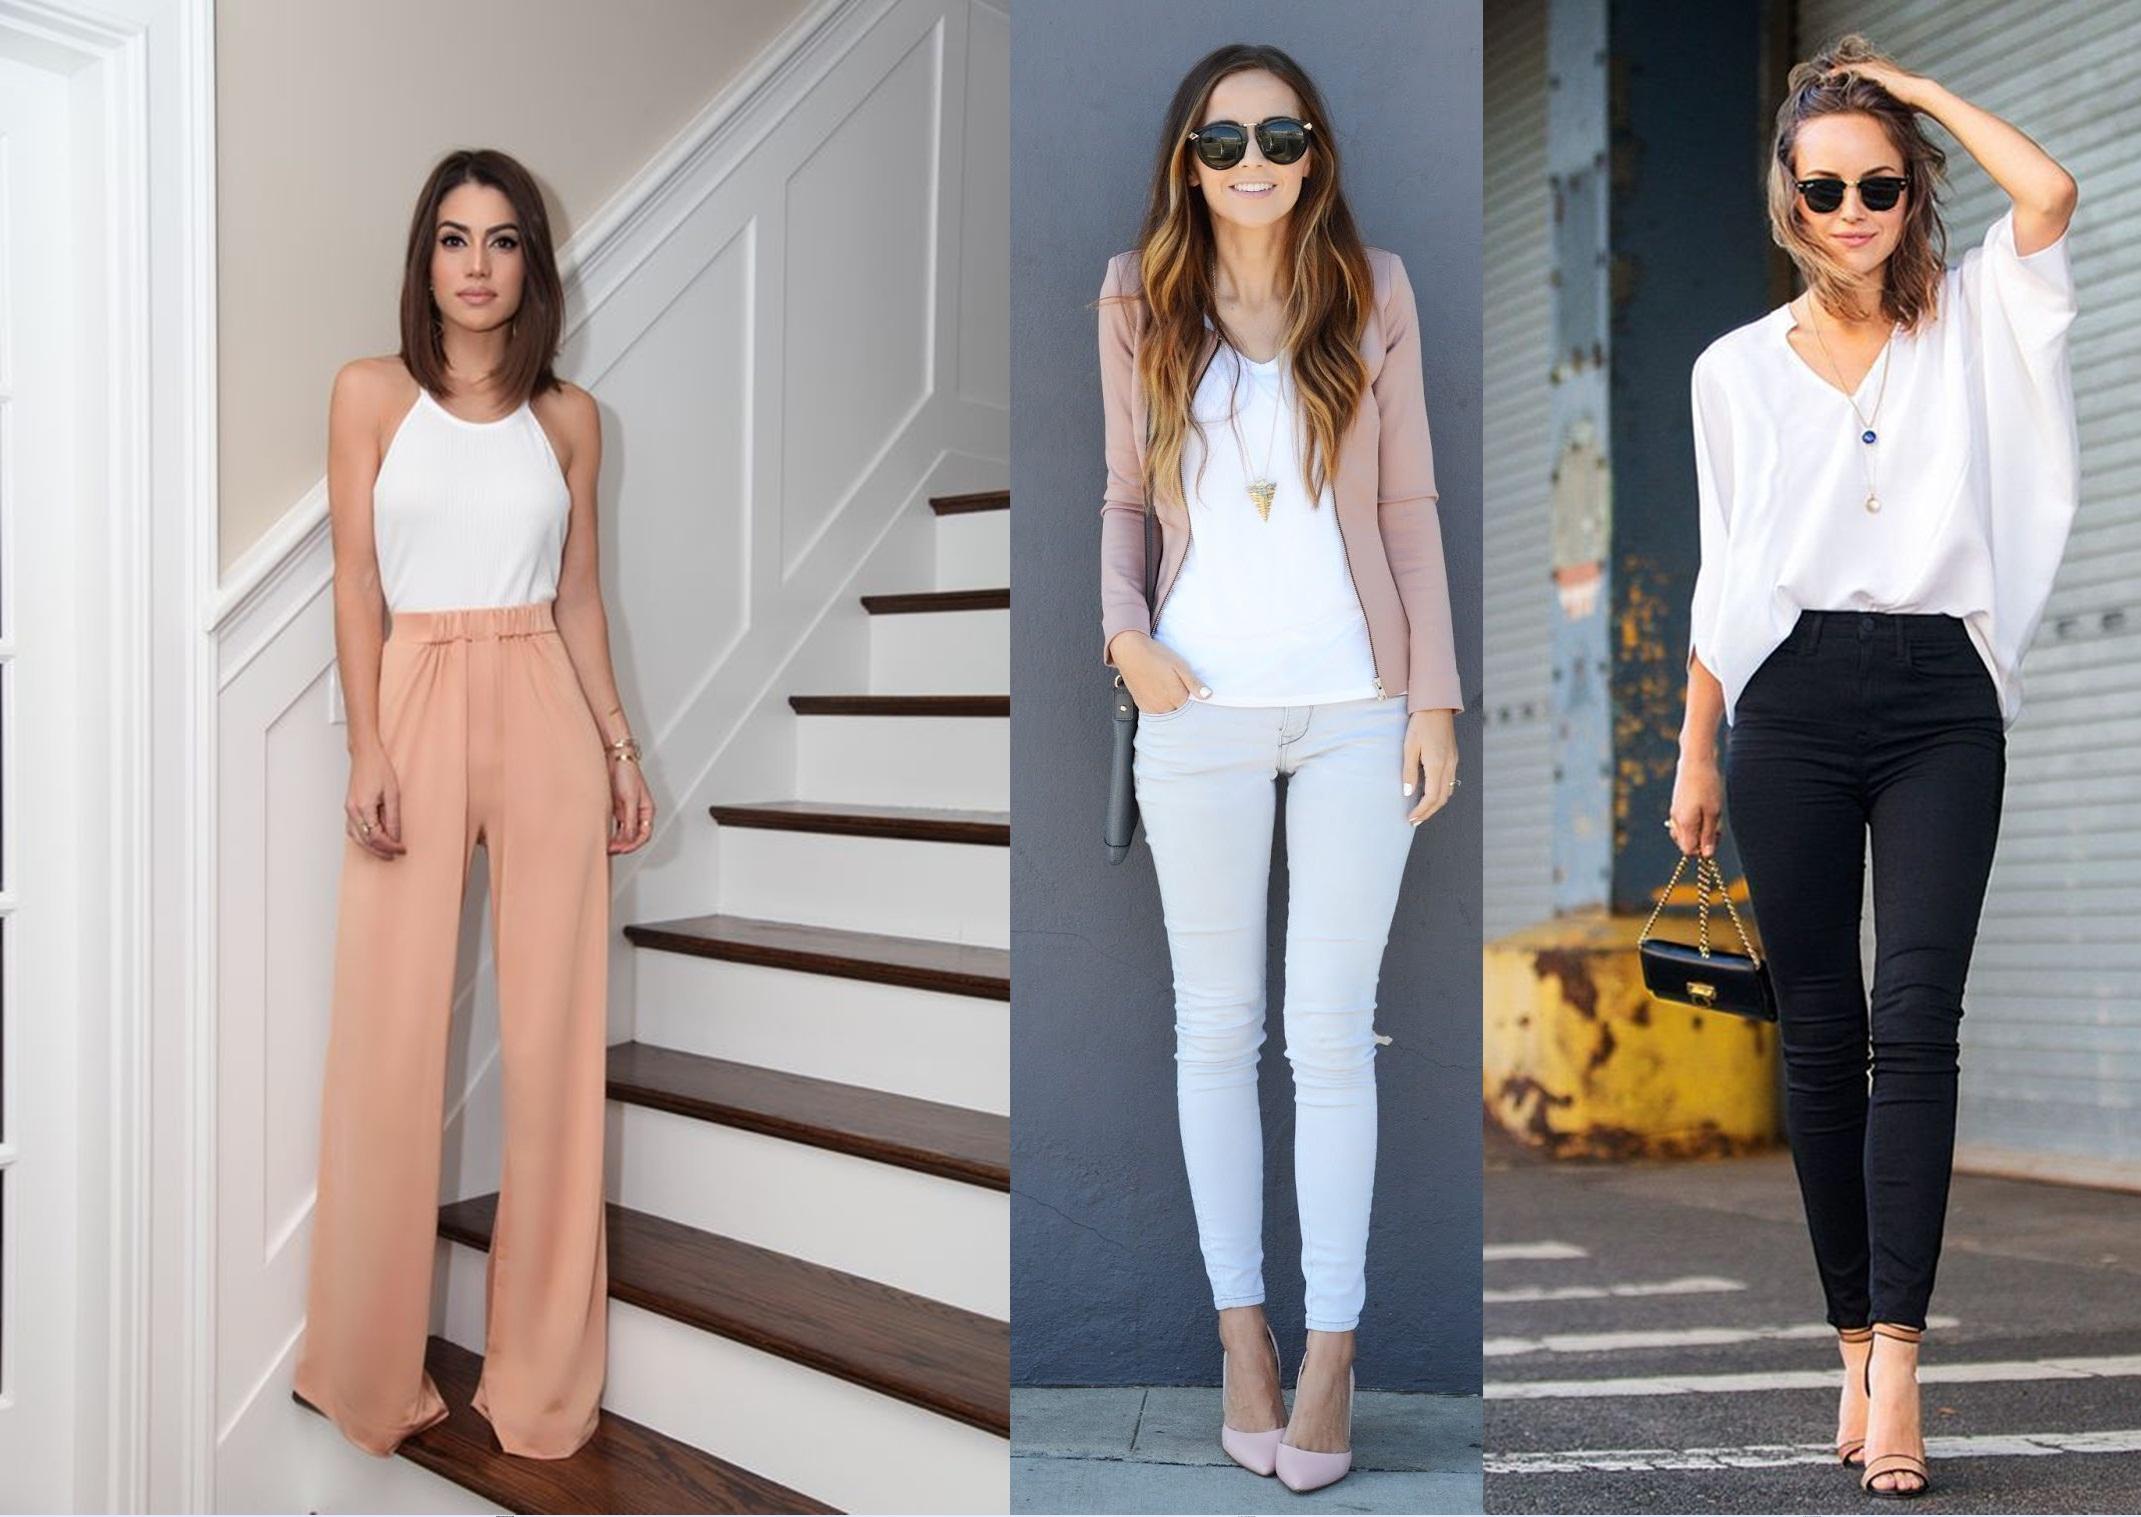 Minimalismo Moda de rua: 5 trends para usar no Look do Trabalho